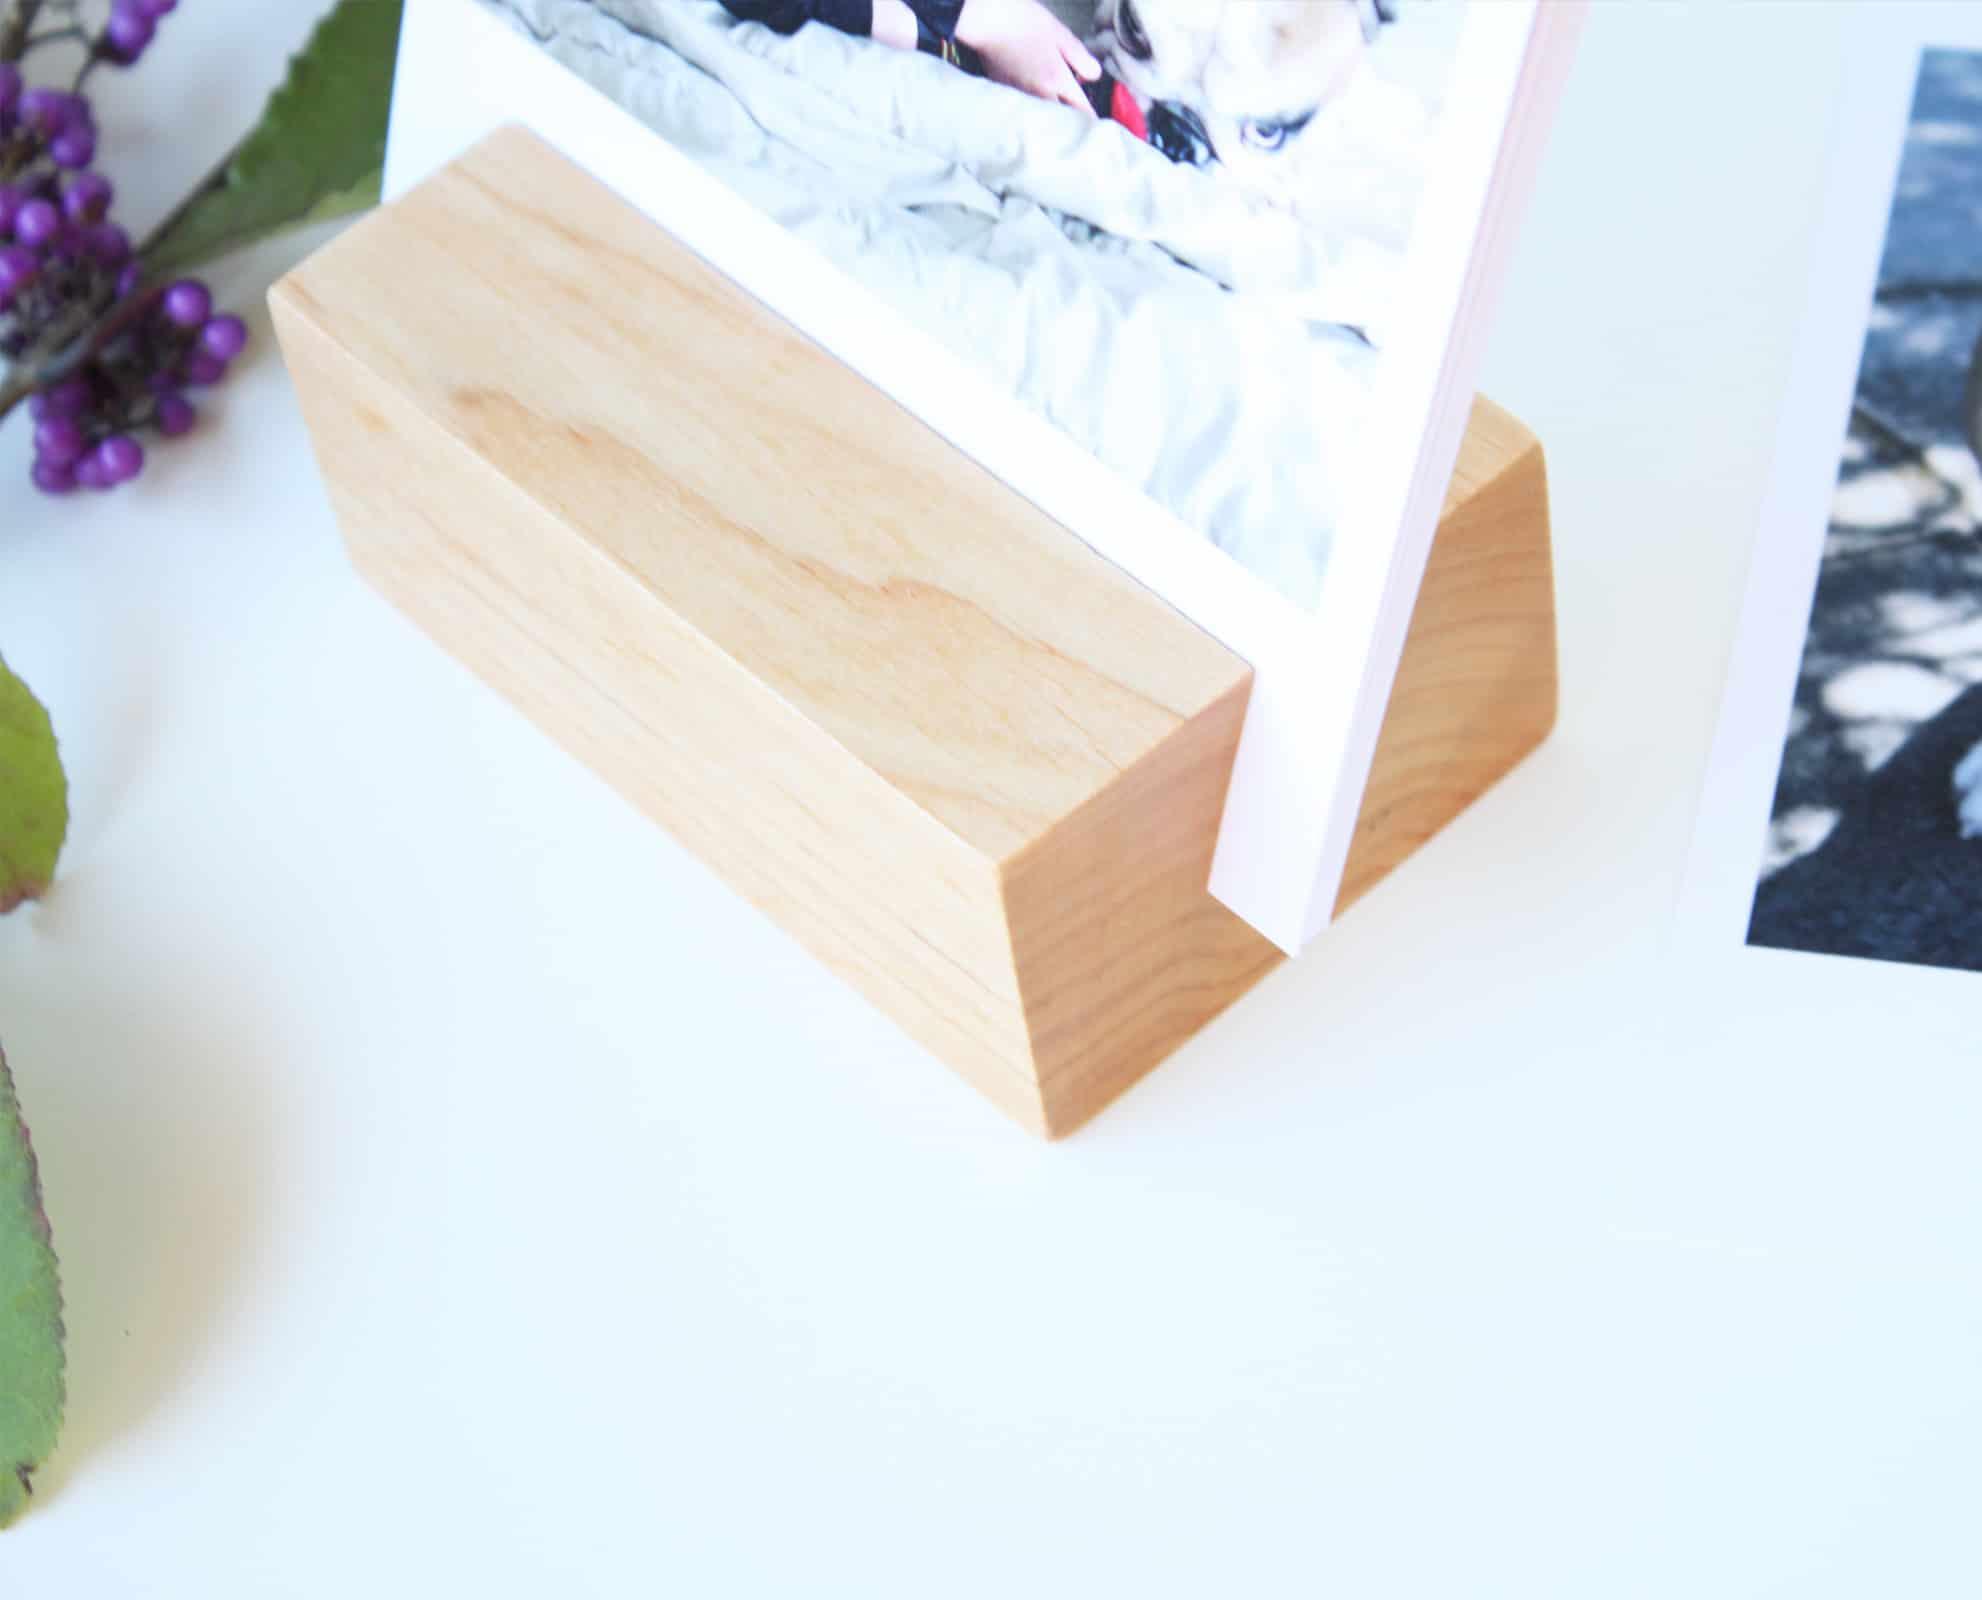 Drewniana podstawka do zdjęć i wydruków